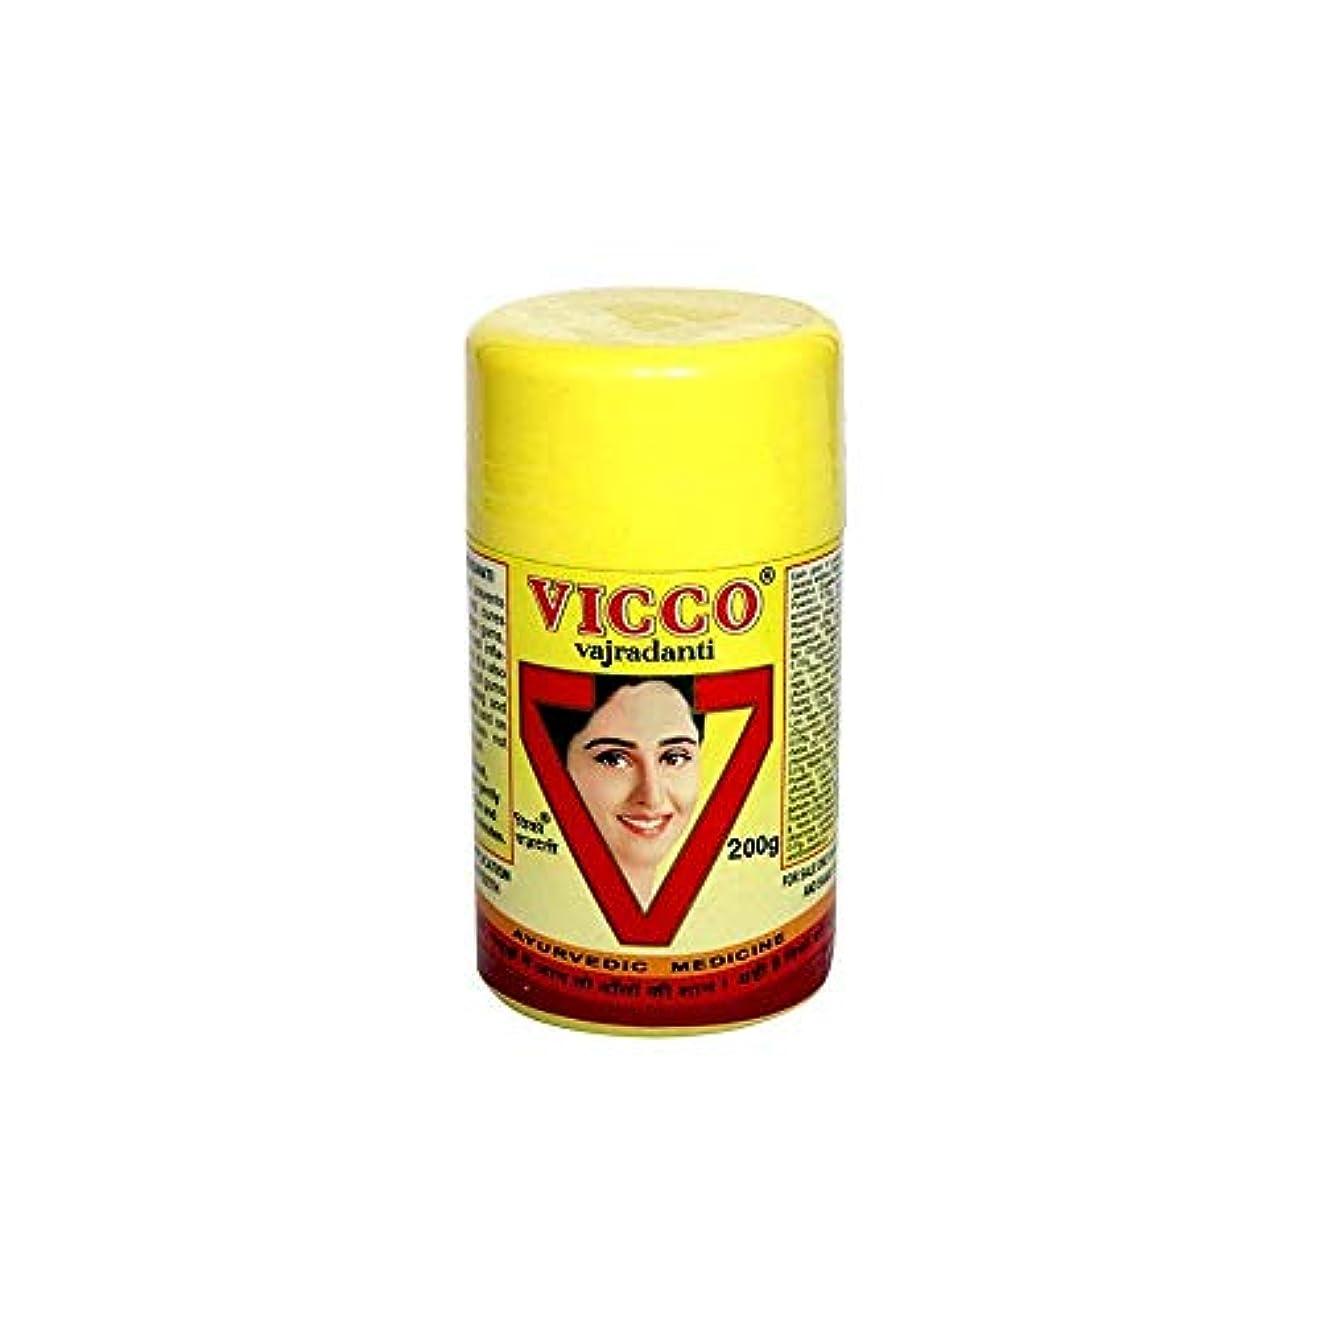 確認してください幻影興奮Vicco Vajradanti Ayurvedic Herbal Tooth Powder 200g Prevents Tooth Decay Cures by Vicco Lab